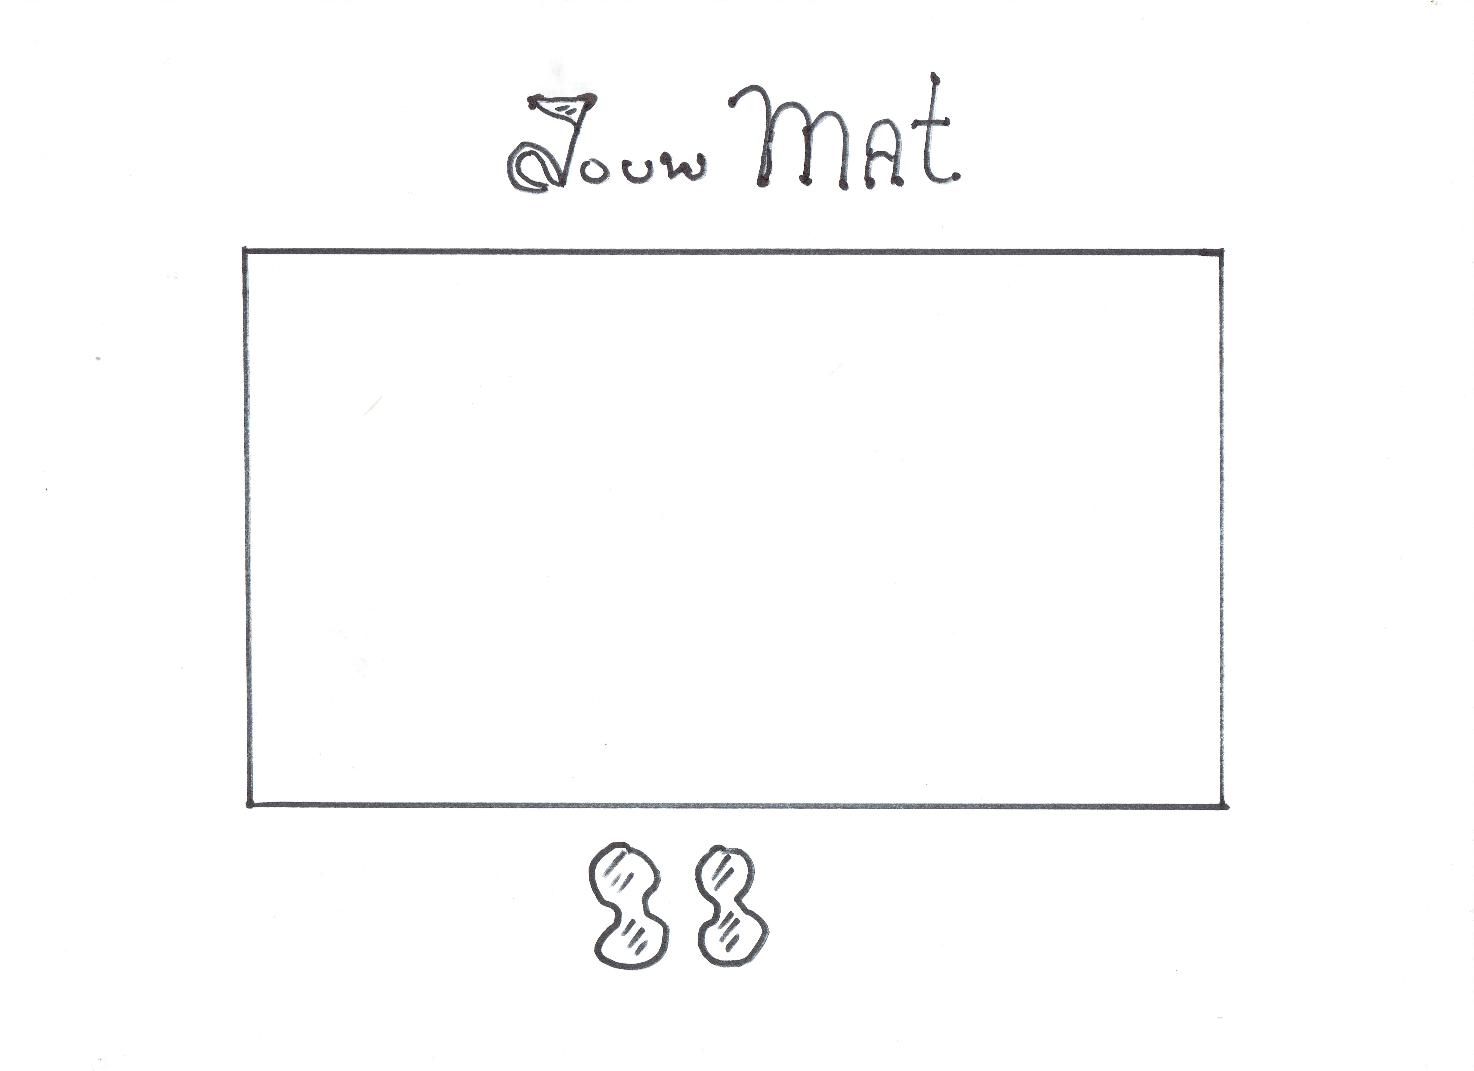 Op de afbeelding is een lege mat te zien.